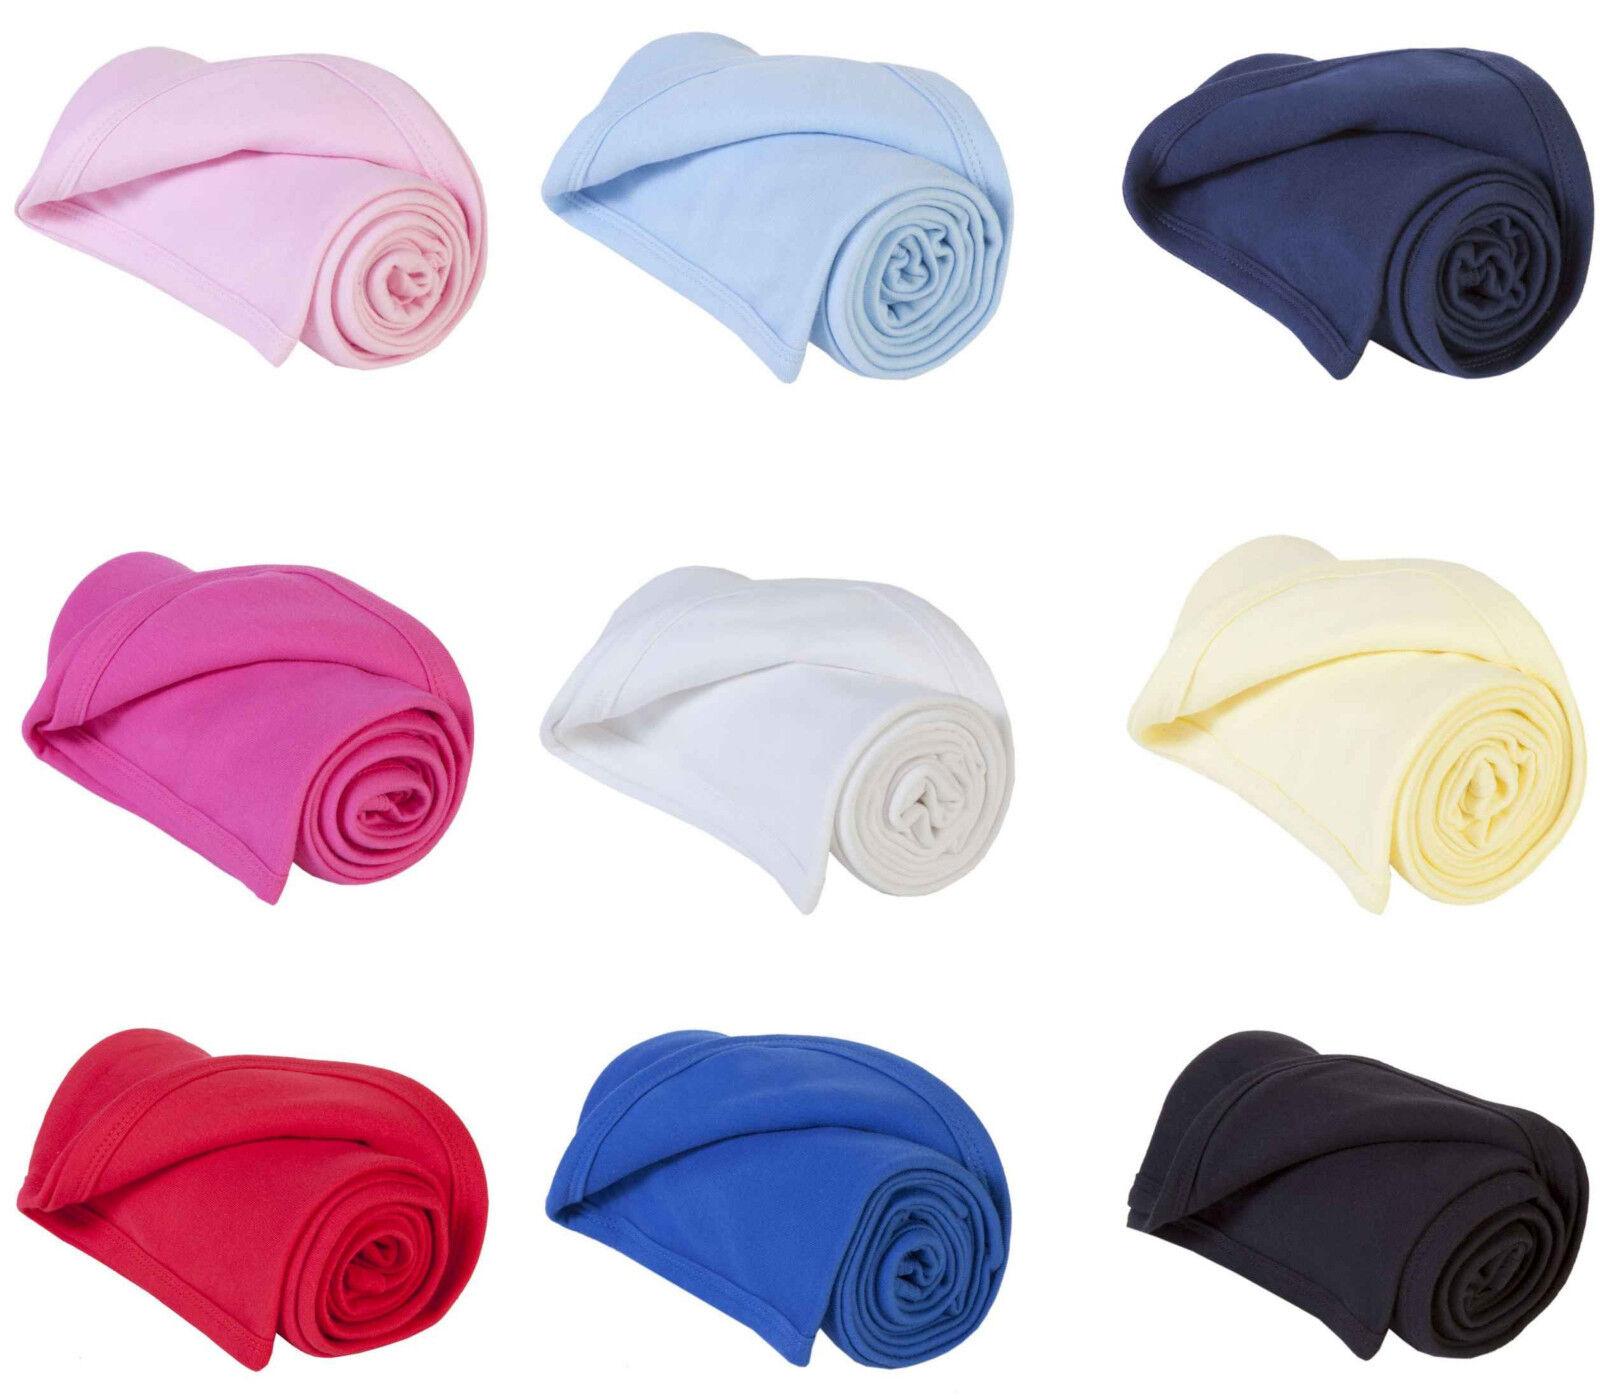 NUOVO da bambino ragazzi coperte scialle biancheria letto CARROZZINA 100% cotone